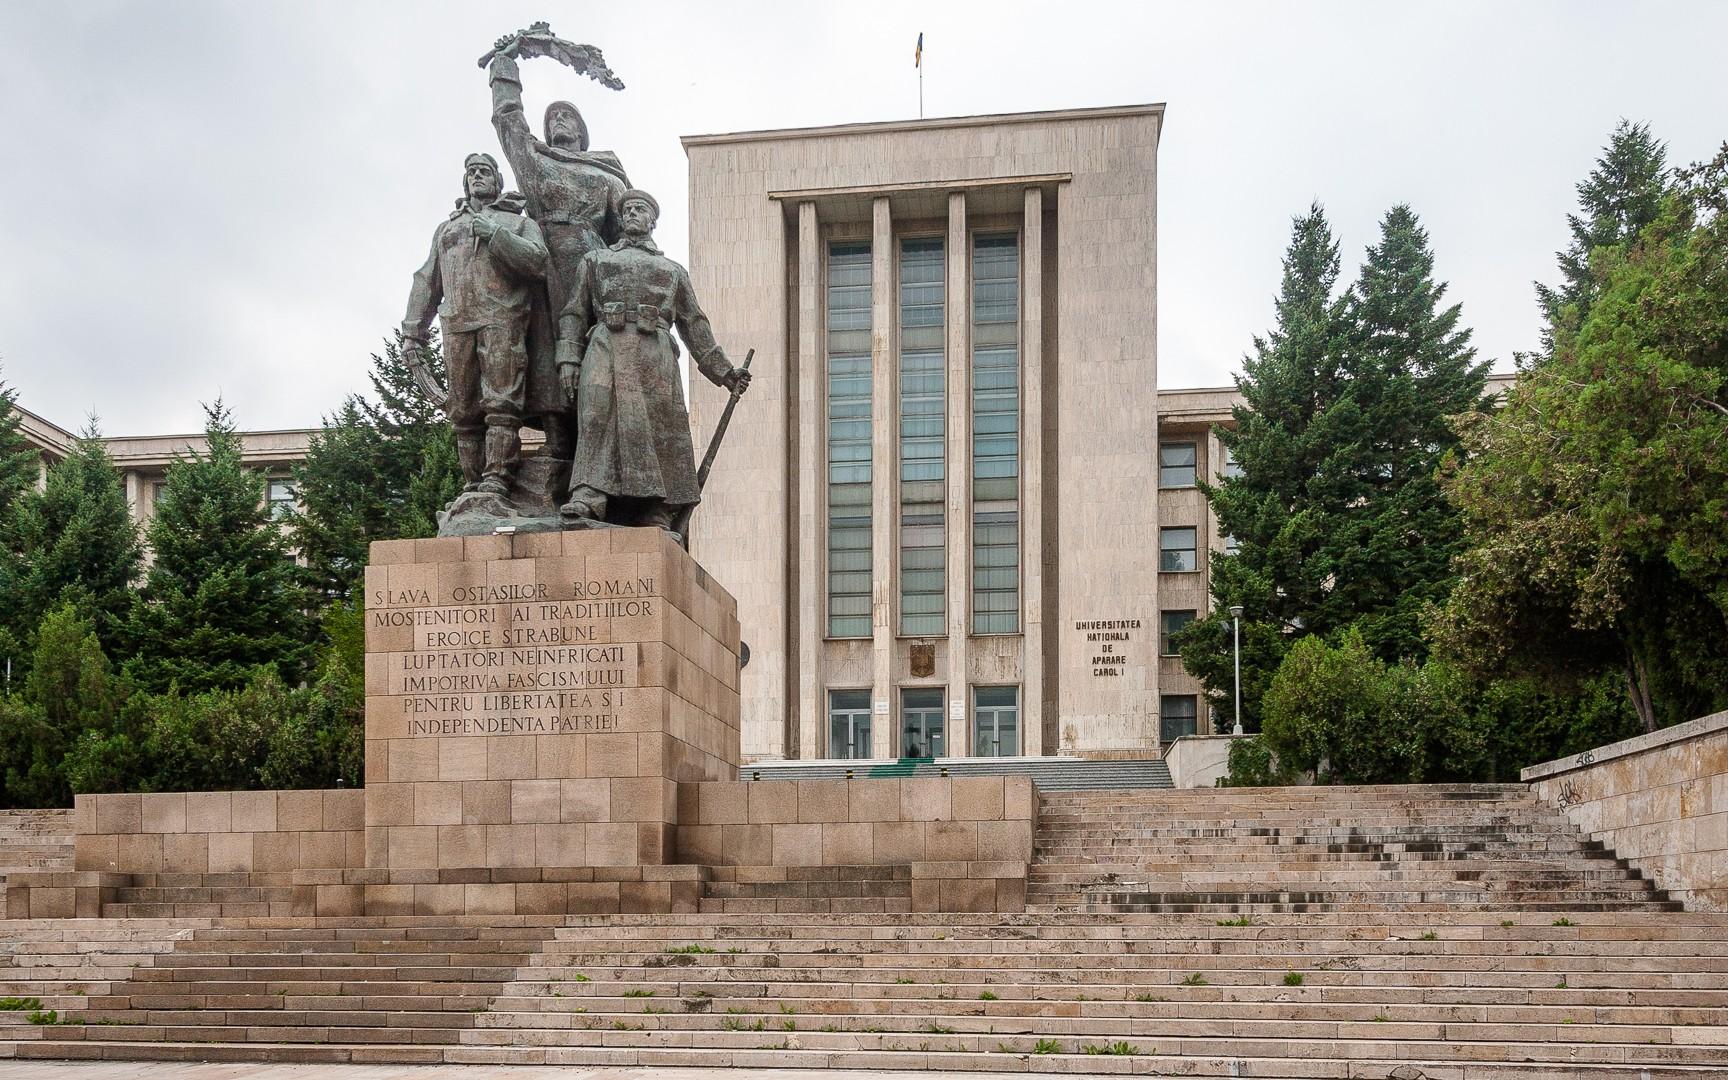 Imagini pentru Bucuresti, Monumentul Eroilor Patriei, photos